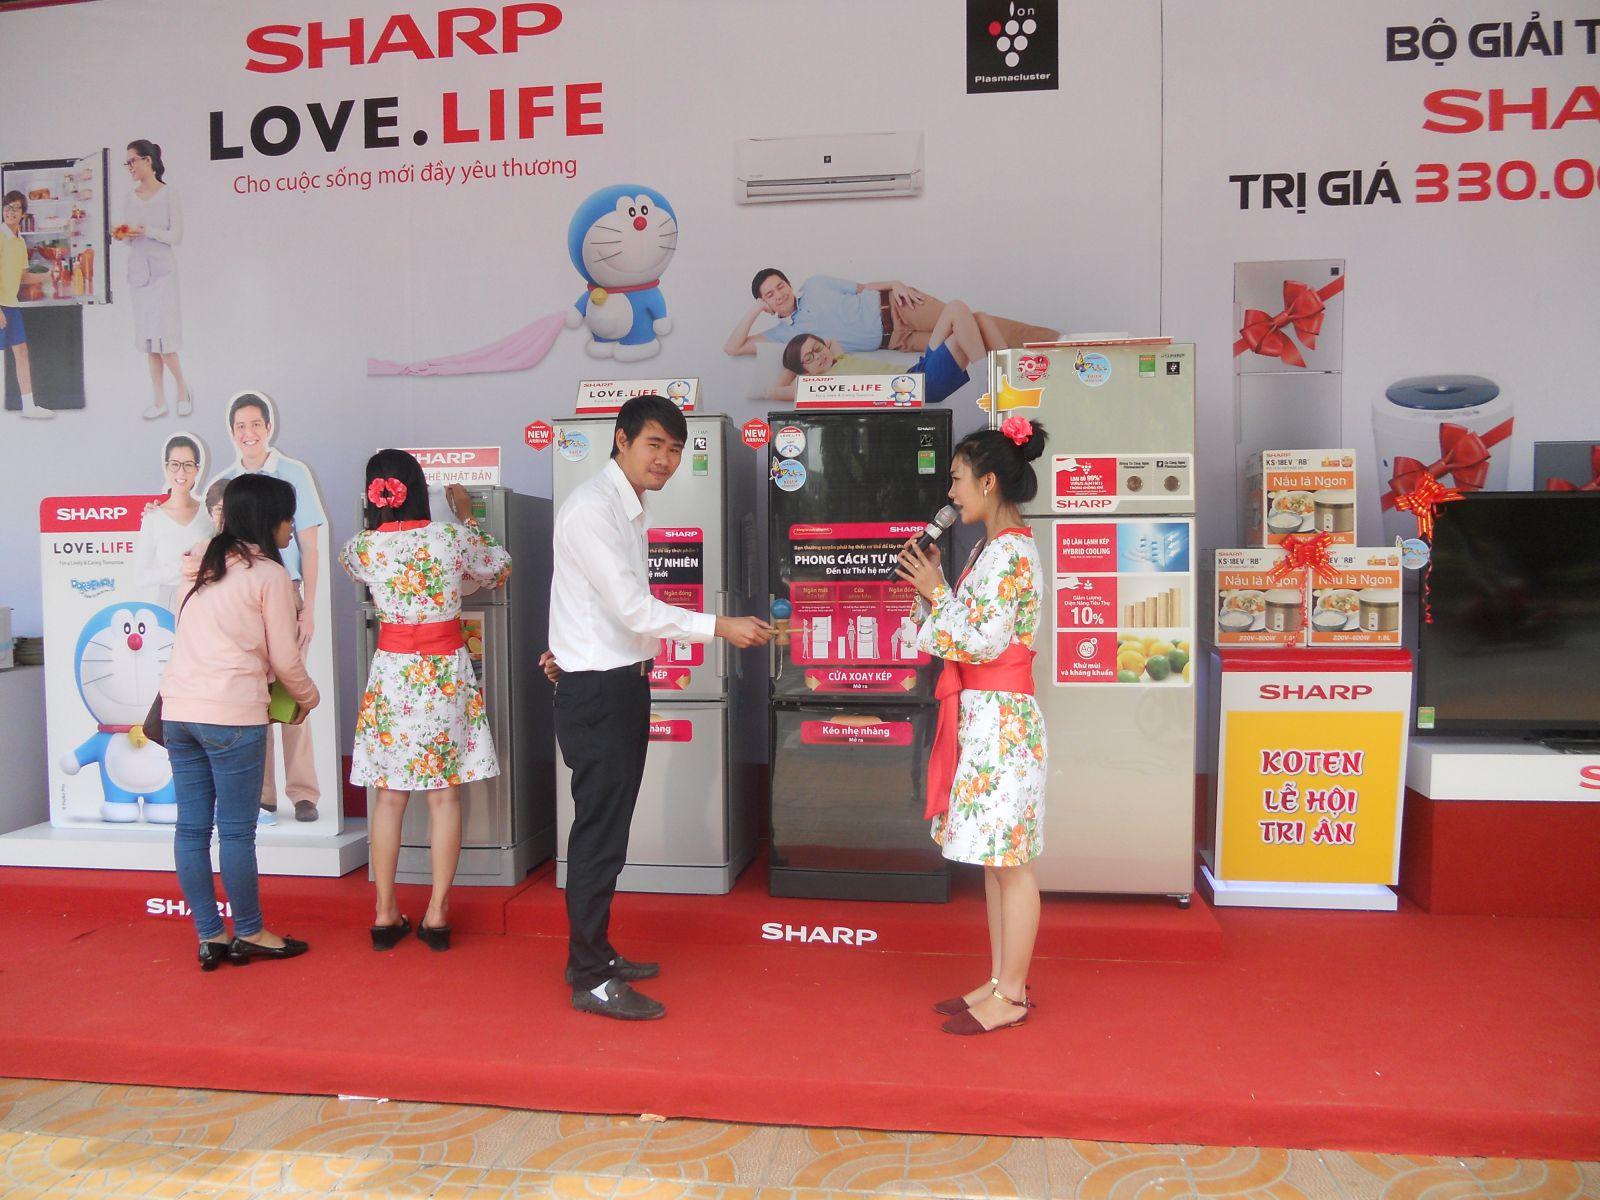 Công ty tổ chức Activation giá rẻ  tại Bà Rịa- Vũng Tàu